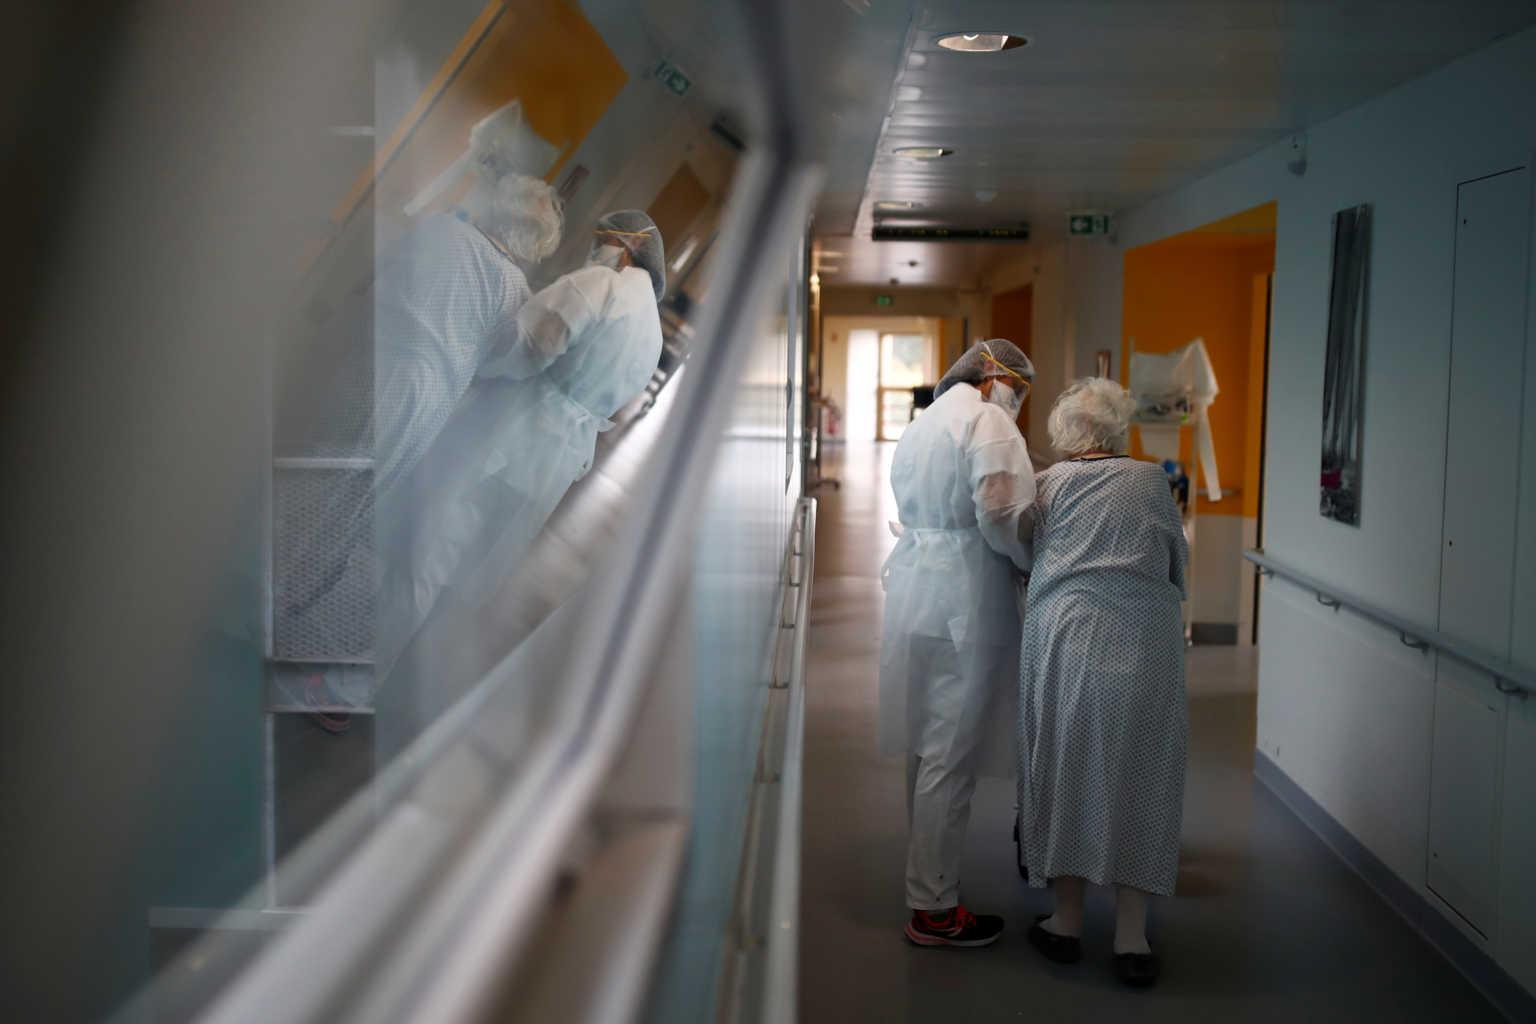 Κορονοϊός: 170 θάνατοι στους άνω των 65 ετών μέσα σε ένα μήνα – Δραματική έκκληση στους νέους για τη χρήση μάσκας